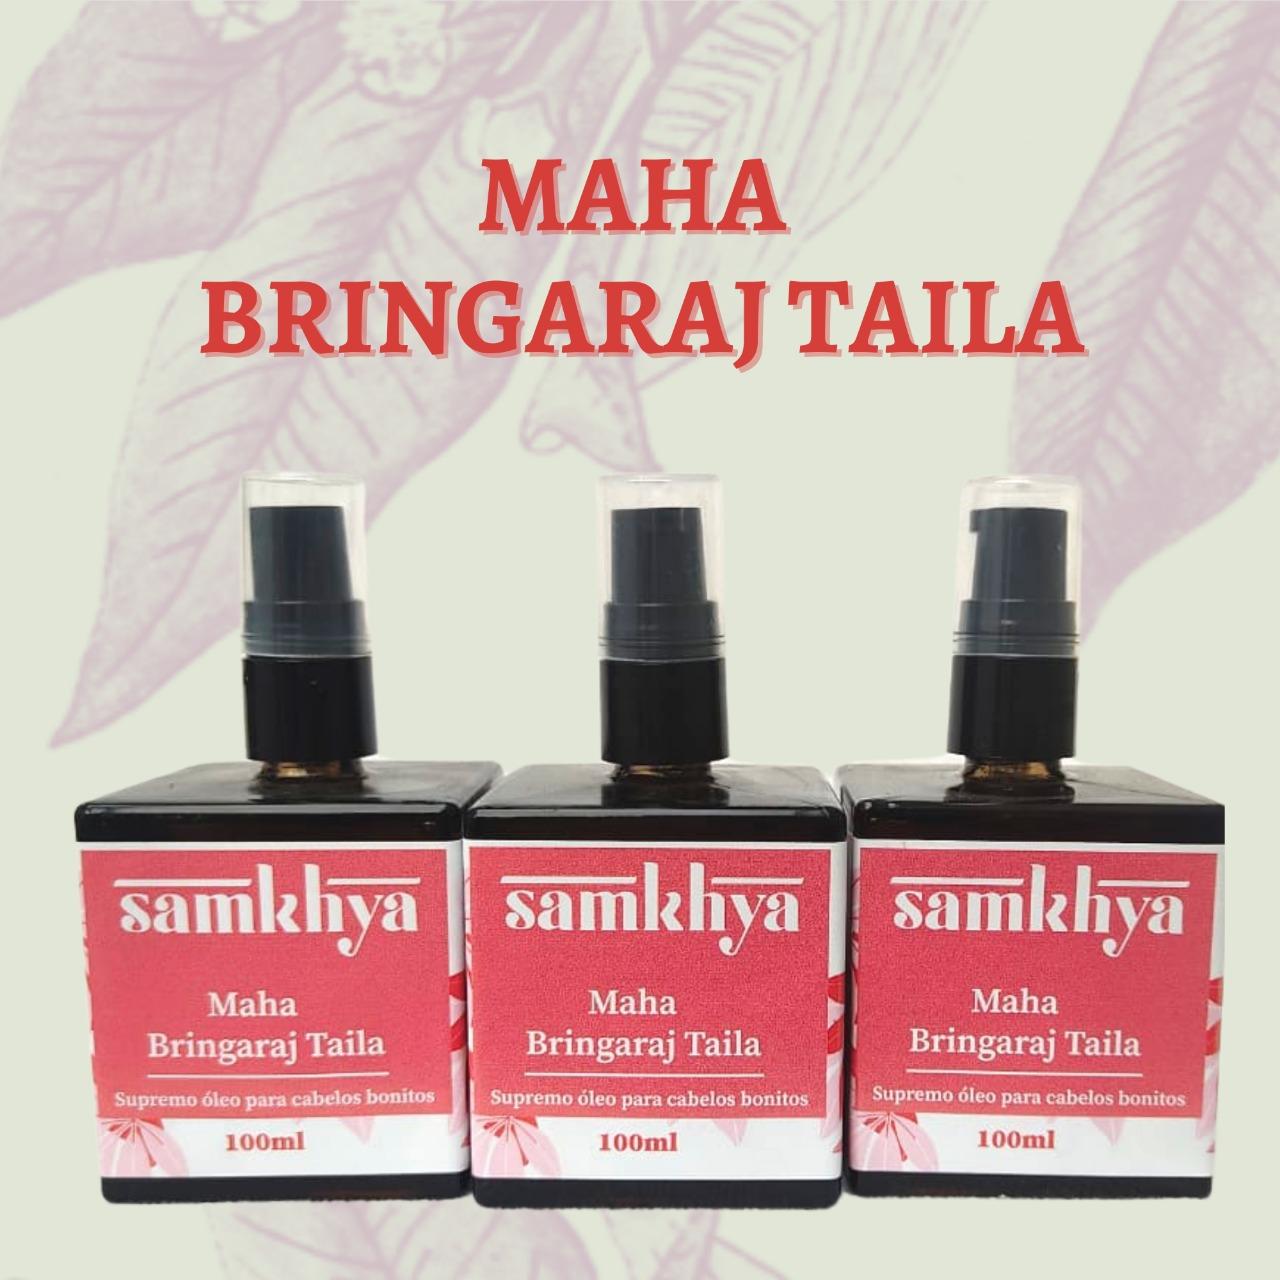 KIT com 3 Frascos - Maha Bhringaraj Taila - Supremo óleo para cabelos